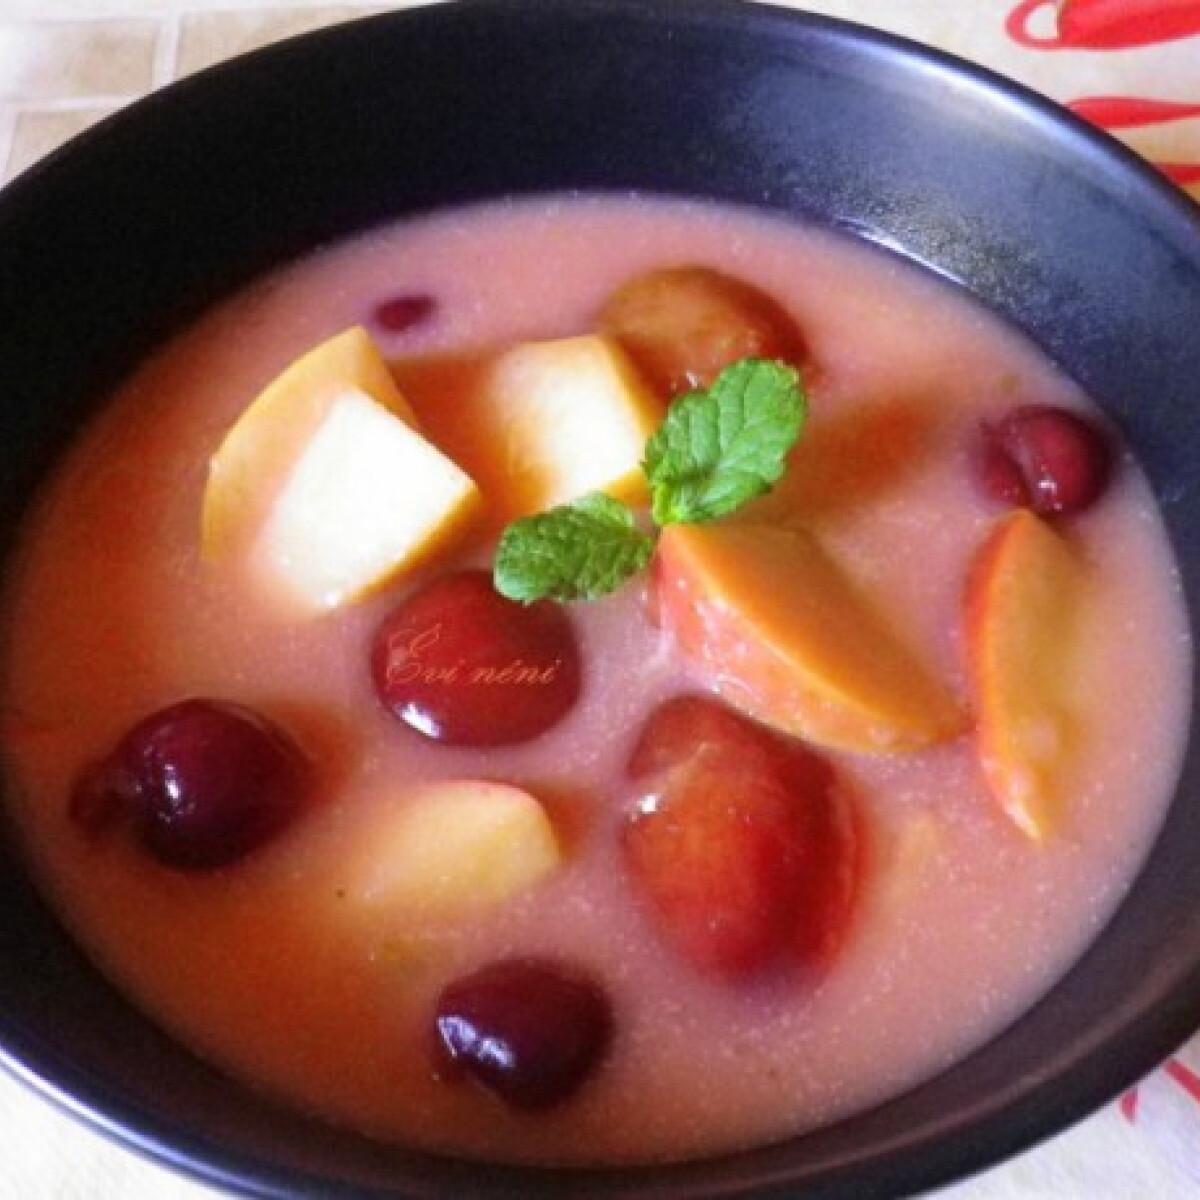 Ezen a képen: Vegyes gyümölcsleves Évi néni konyhájából